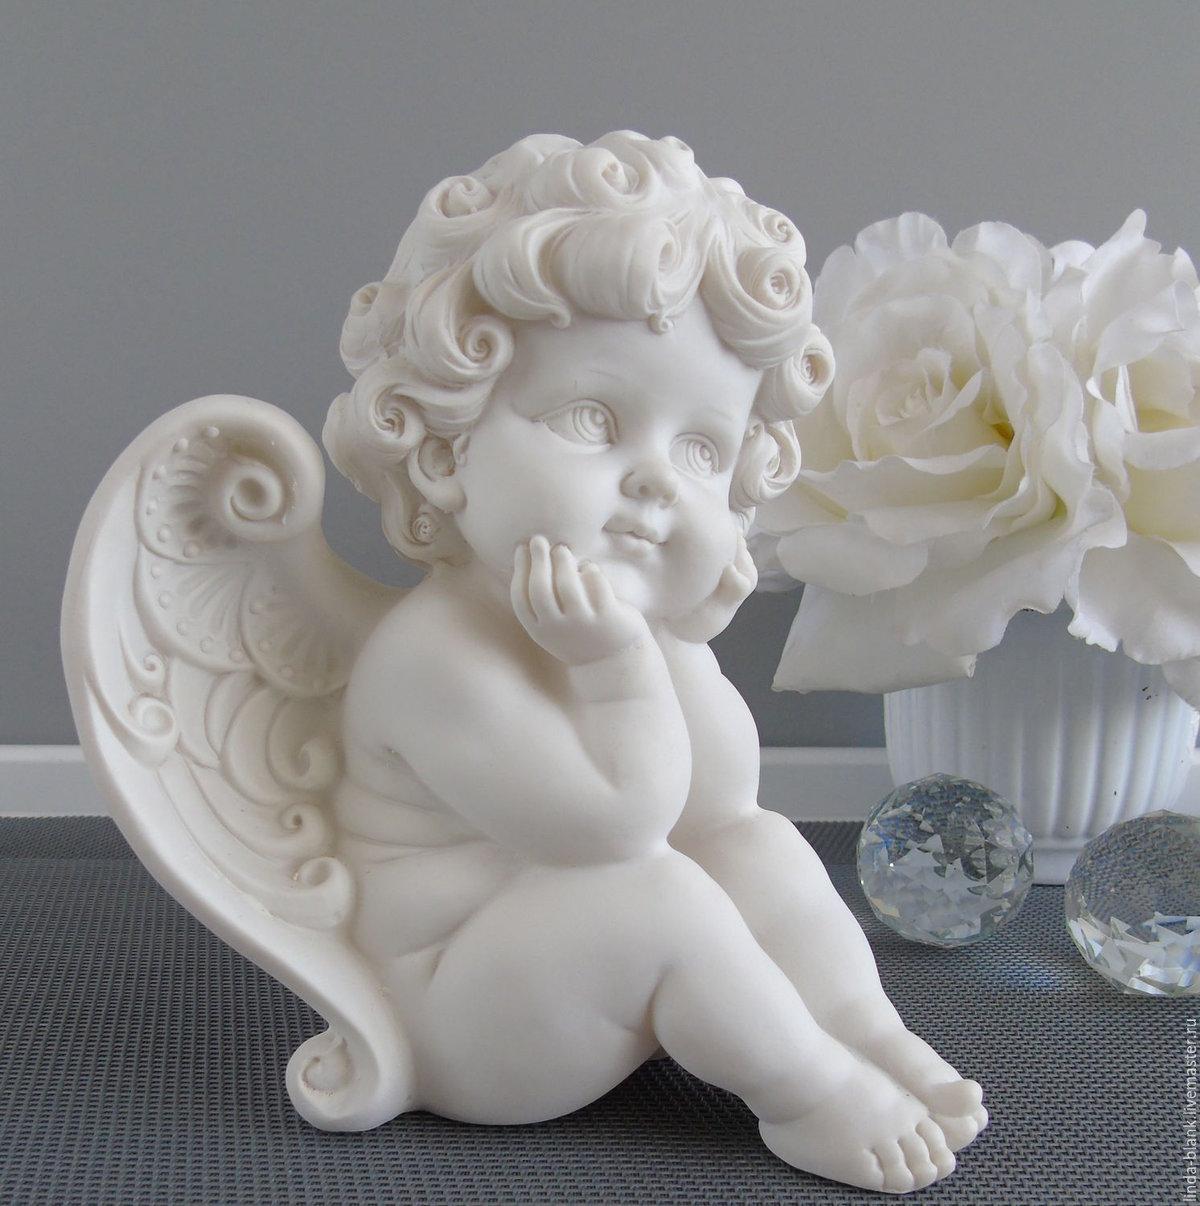 распространенному мнению, ангелочек картинки фото рецепт торт ирины